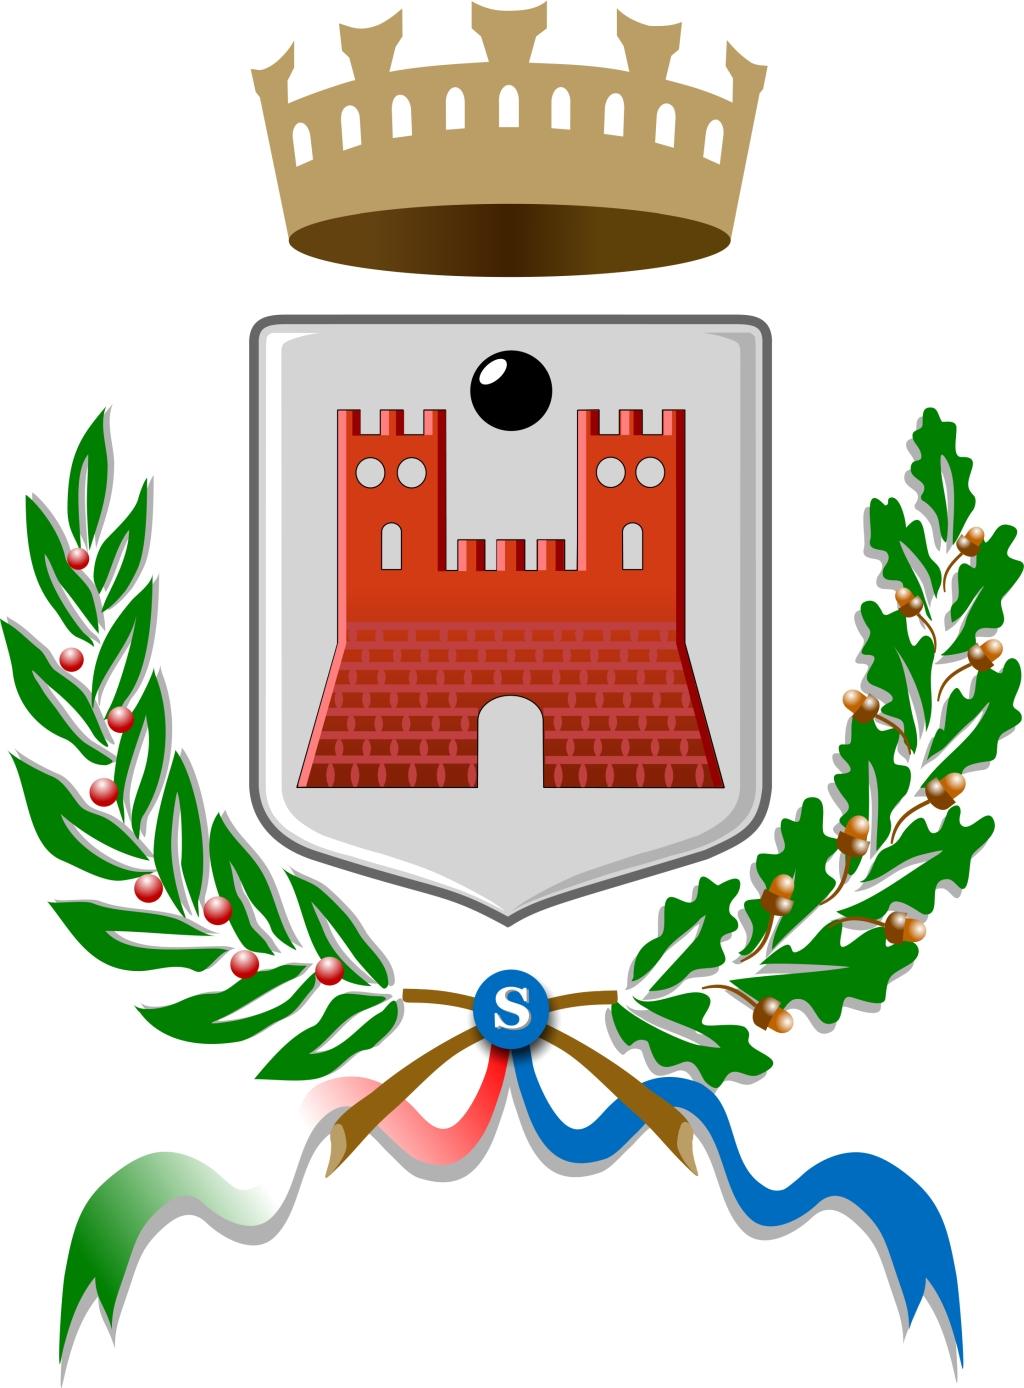 Nuovo stemma comune